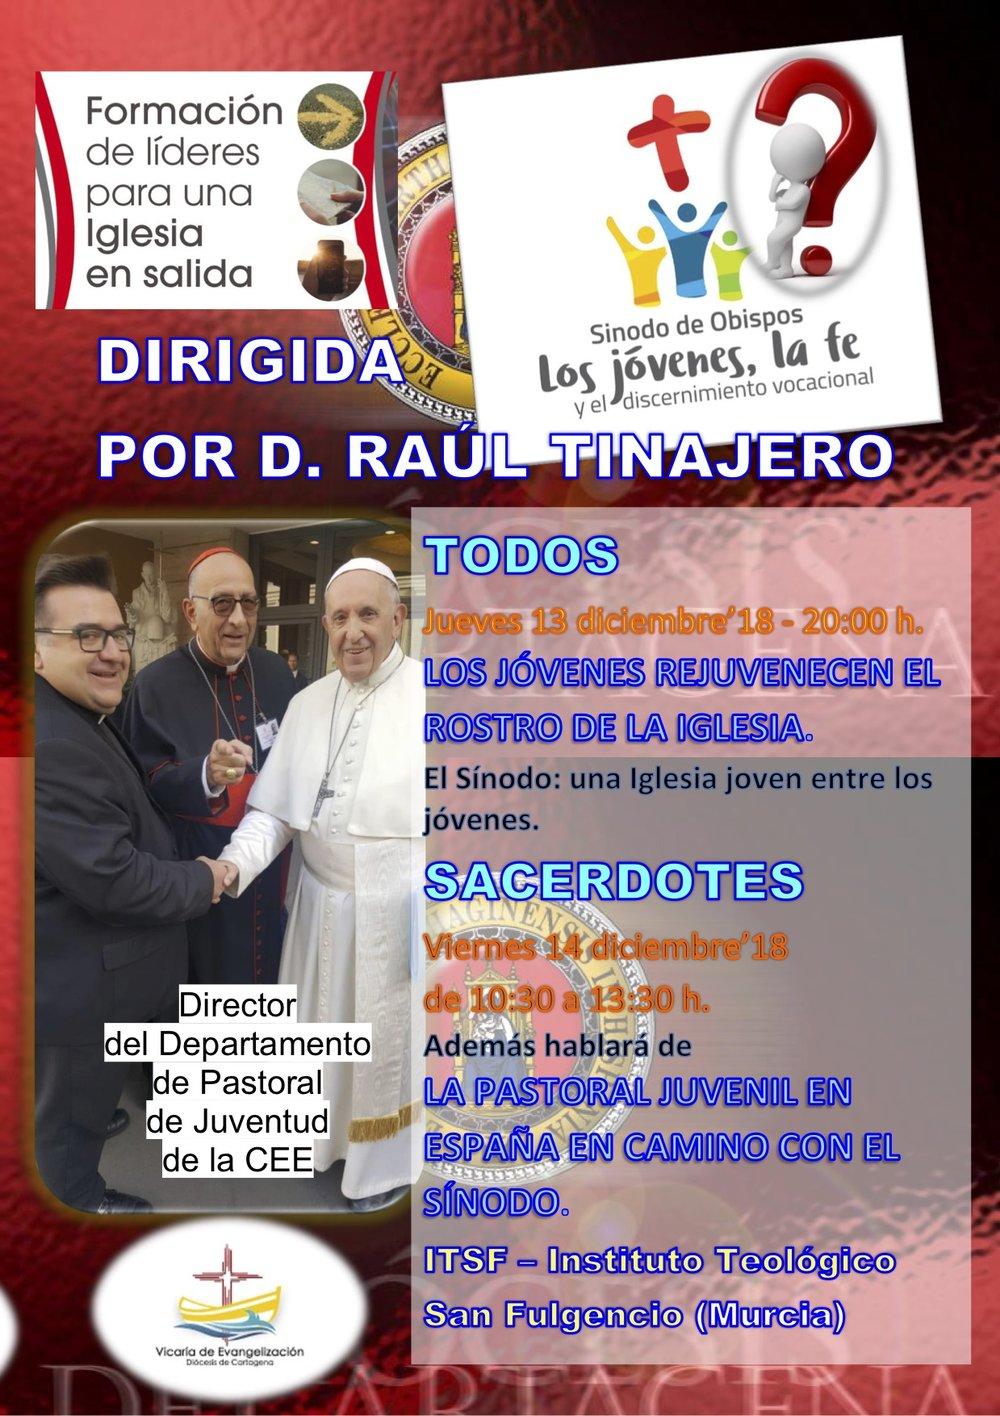 Cartel Jornada Formación de líderes dicimebre 2018 con Raúl Tinajero TÍTULOS.jpg